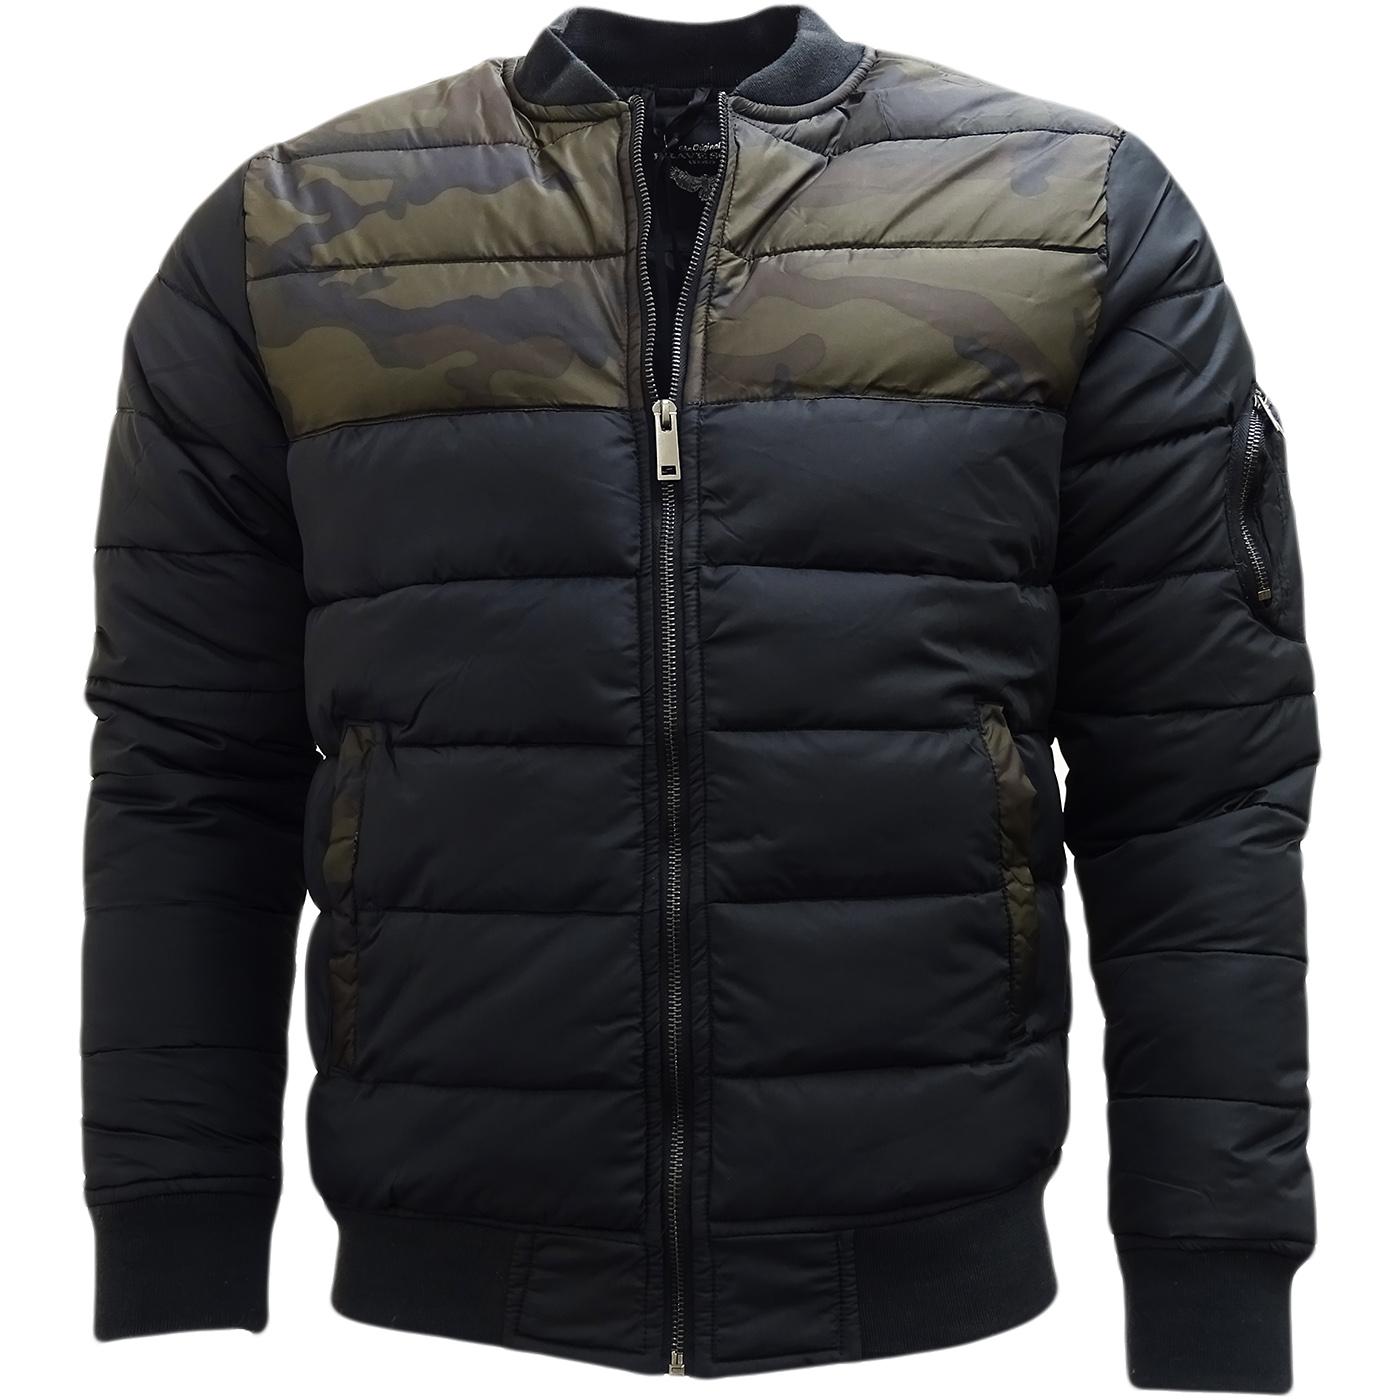 brave soul black camo top half jacket outerwear coat. Black Bedroom Furniture Sets. Home Design Ideas